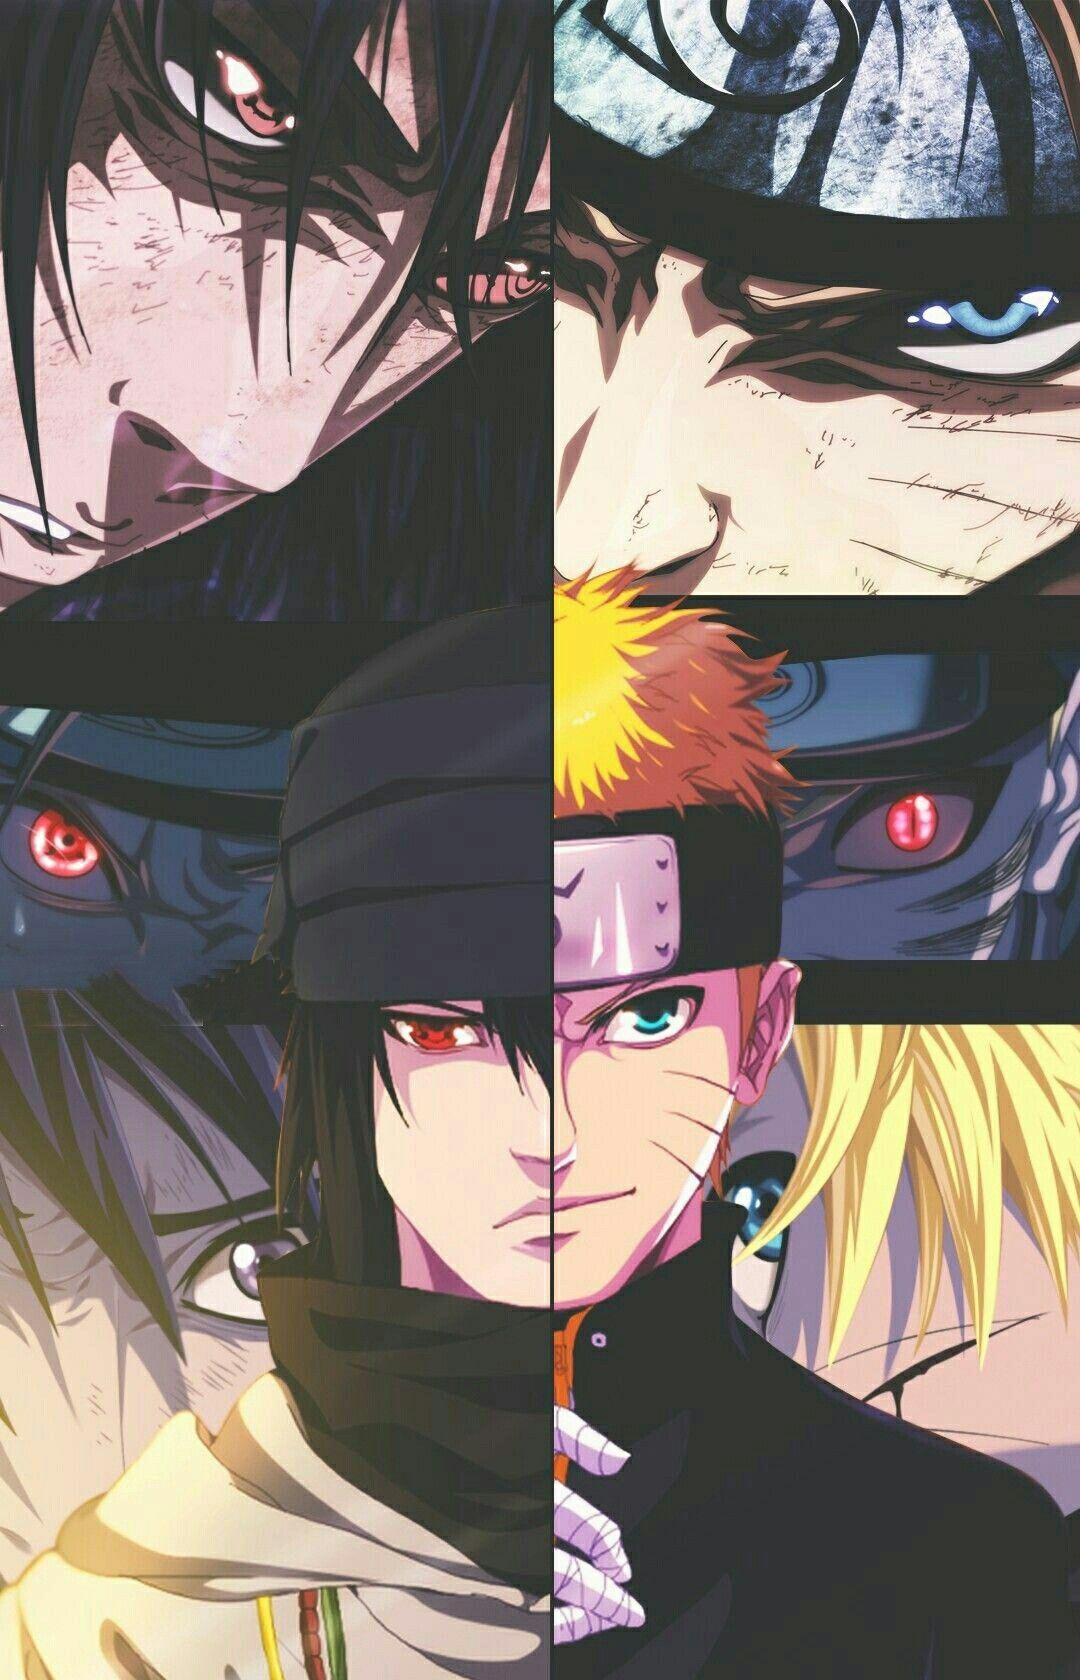 Naruto e sasuke naruto naruto sasuke naruto e naruto vs sasuke - Manga naruto shippuden ...